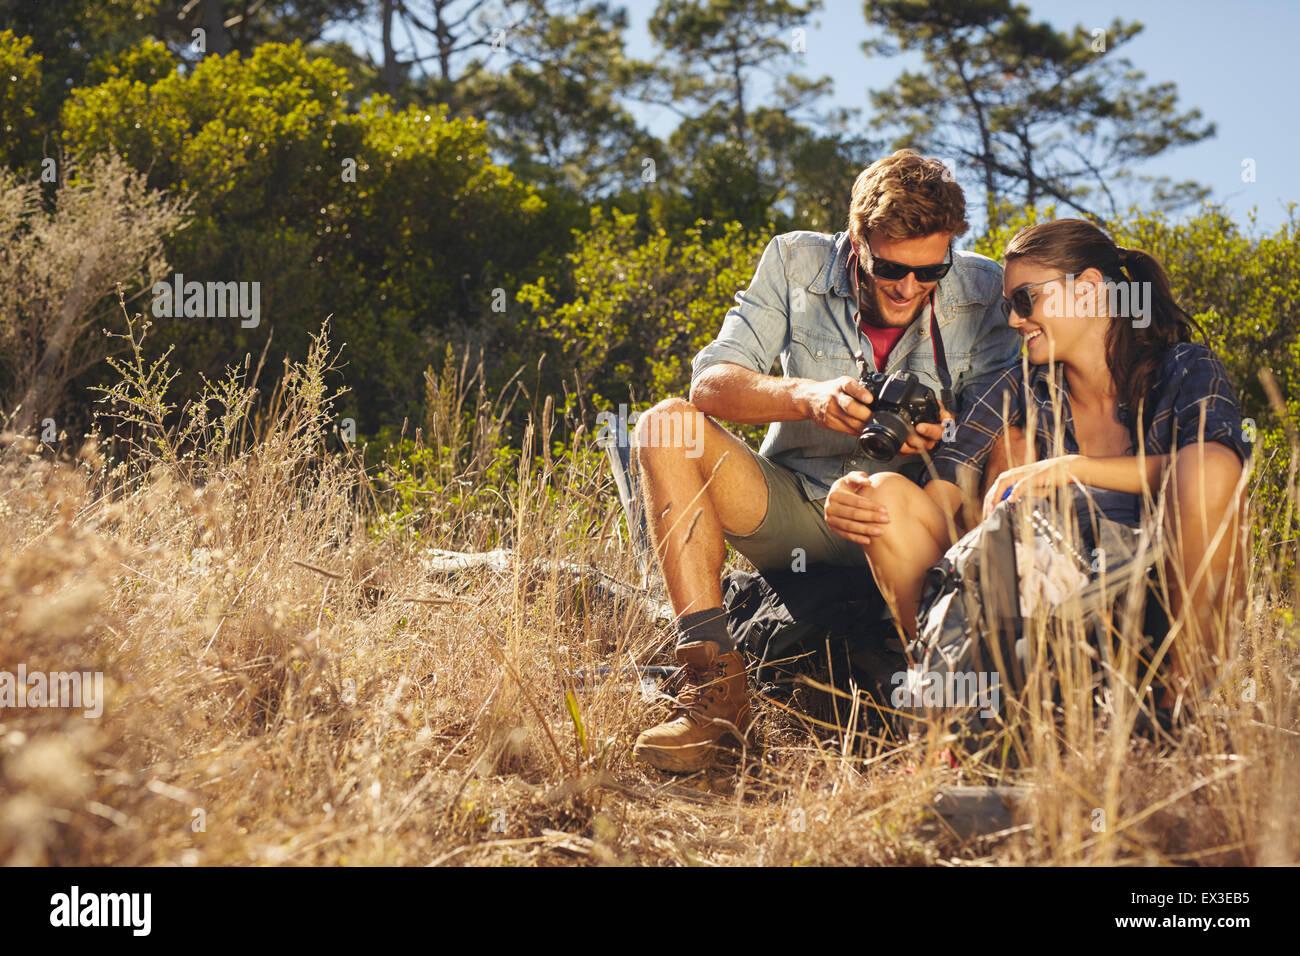 Pareja joven afuera mirando fotos en la cámara. Un hombre y una mujer caucásica de excursión tomando Imagen De Stock